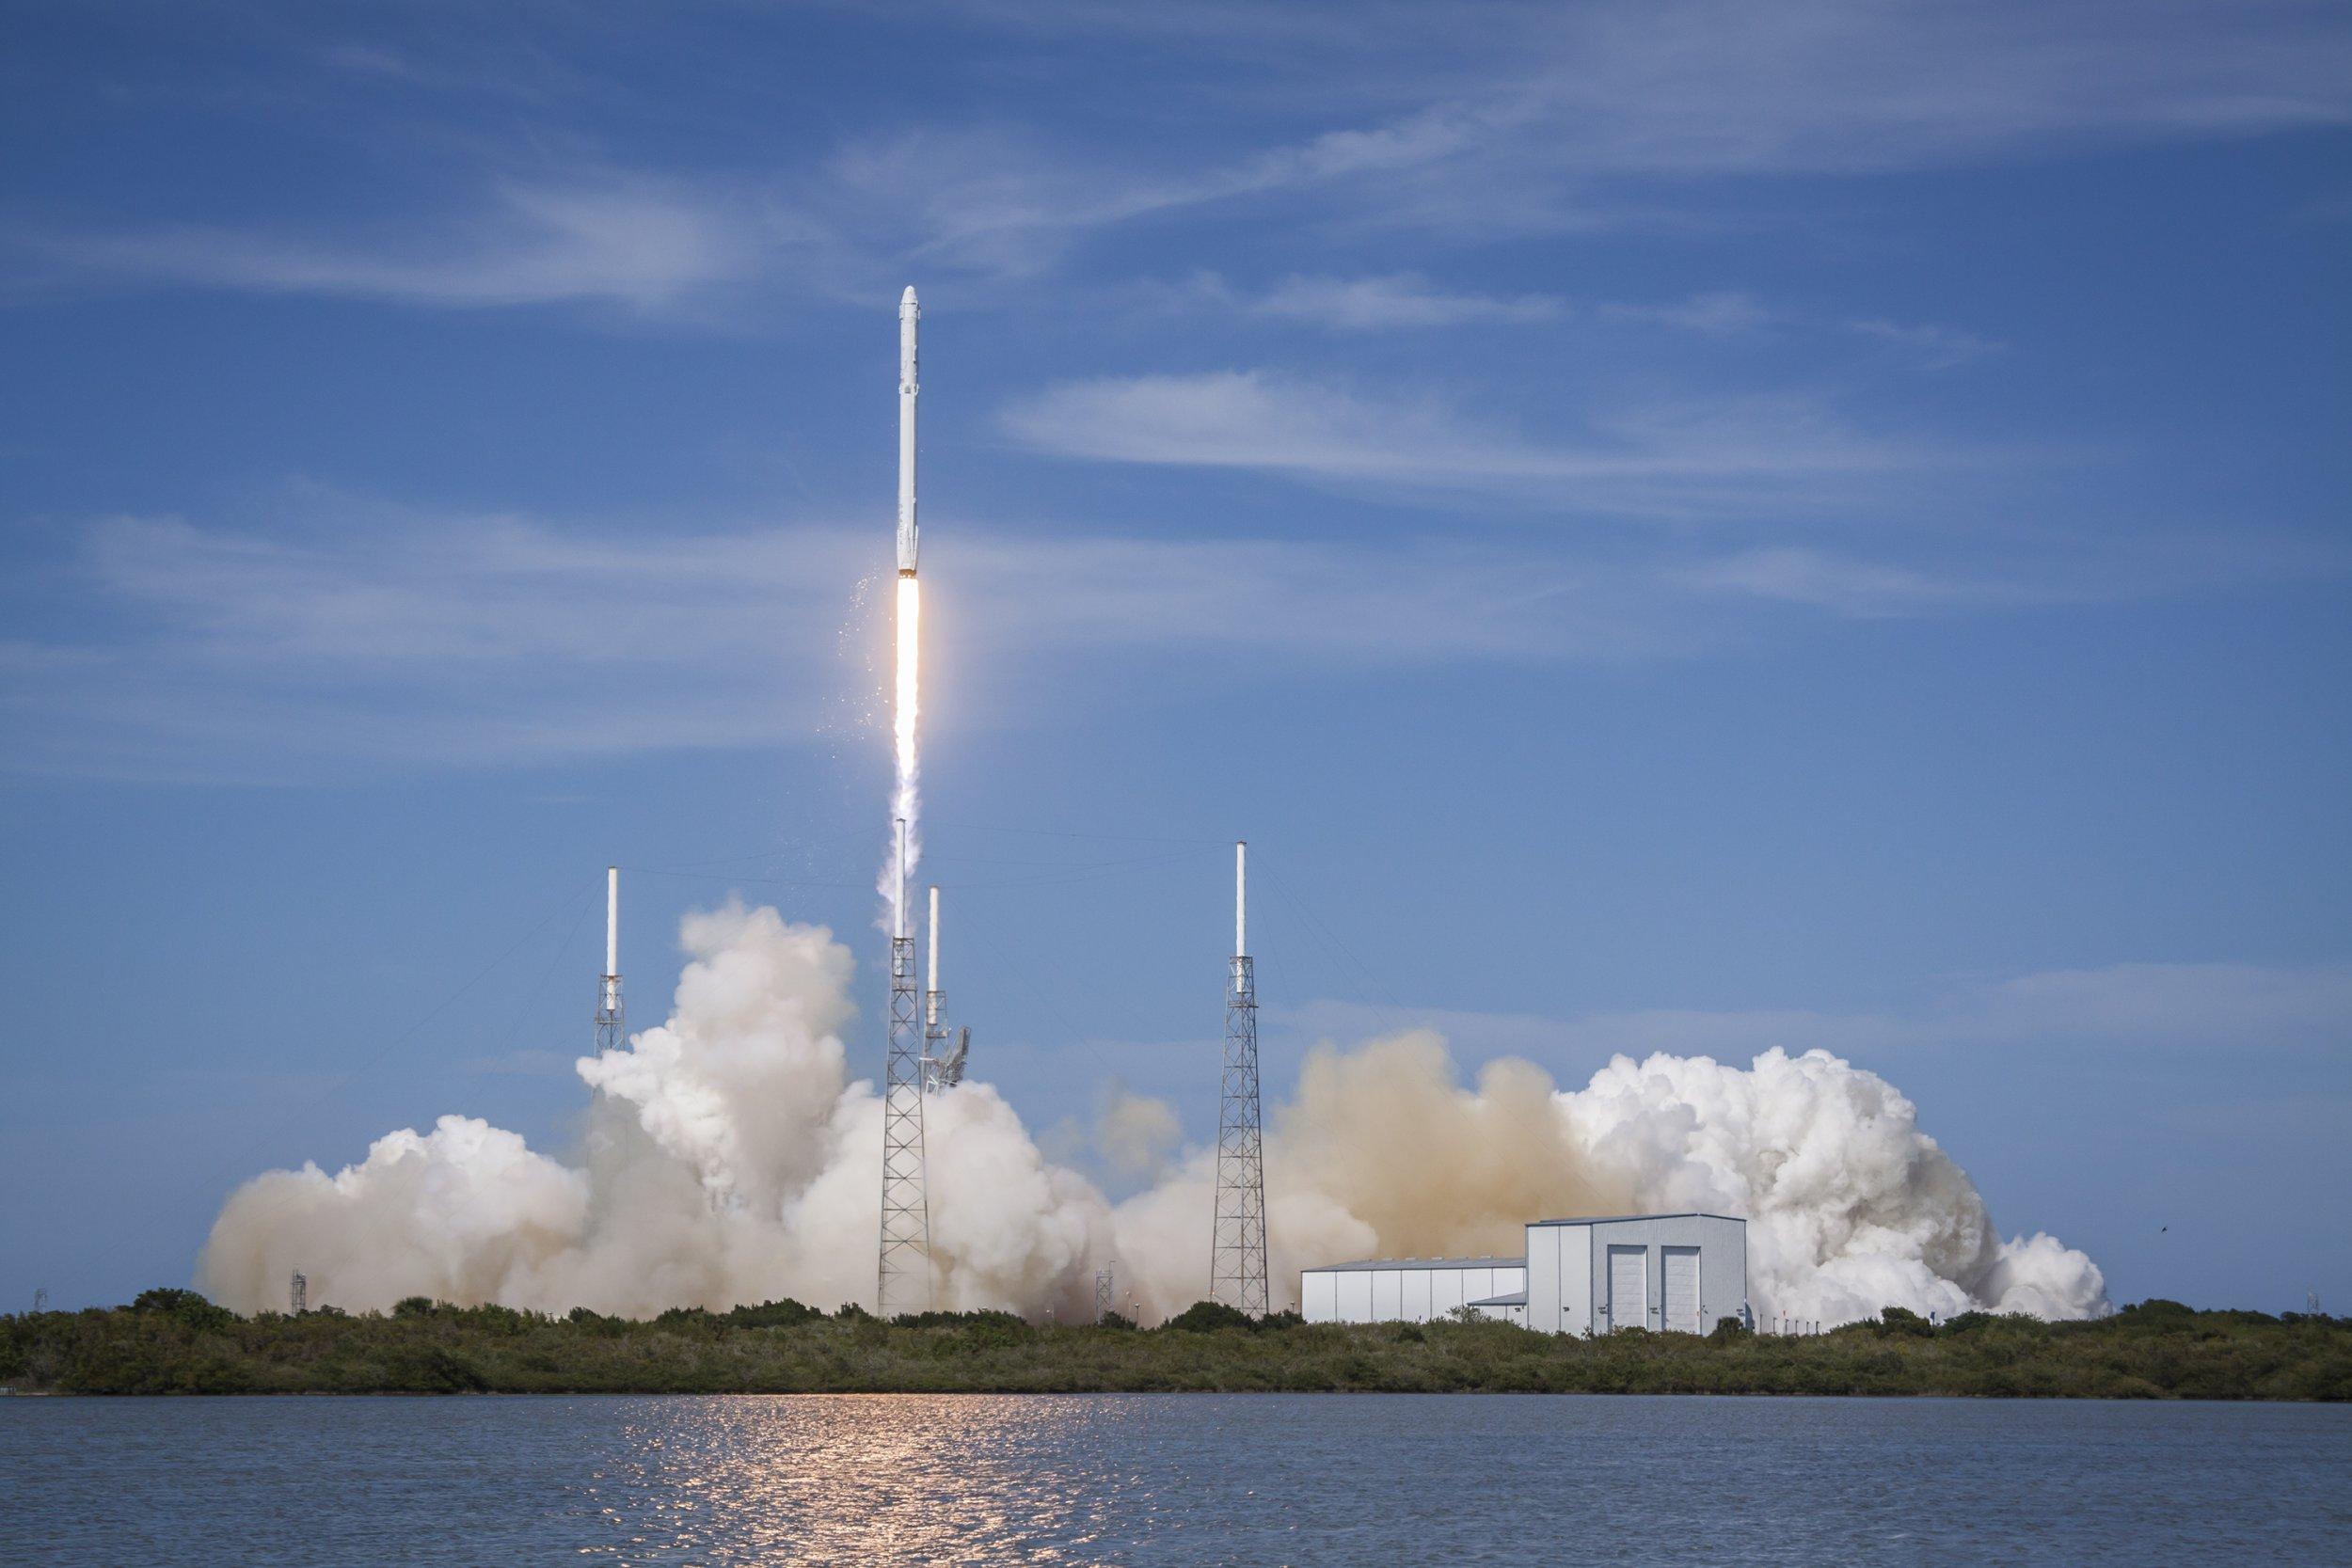 1-20-16 CRS-6 Falcon 9